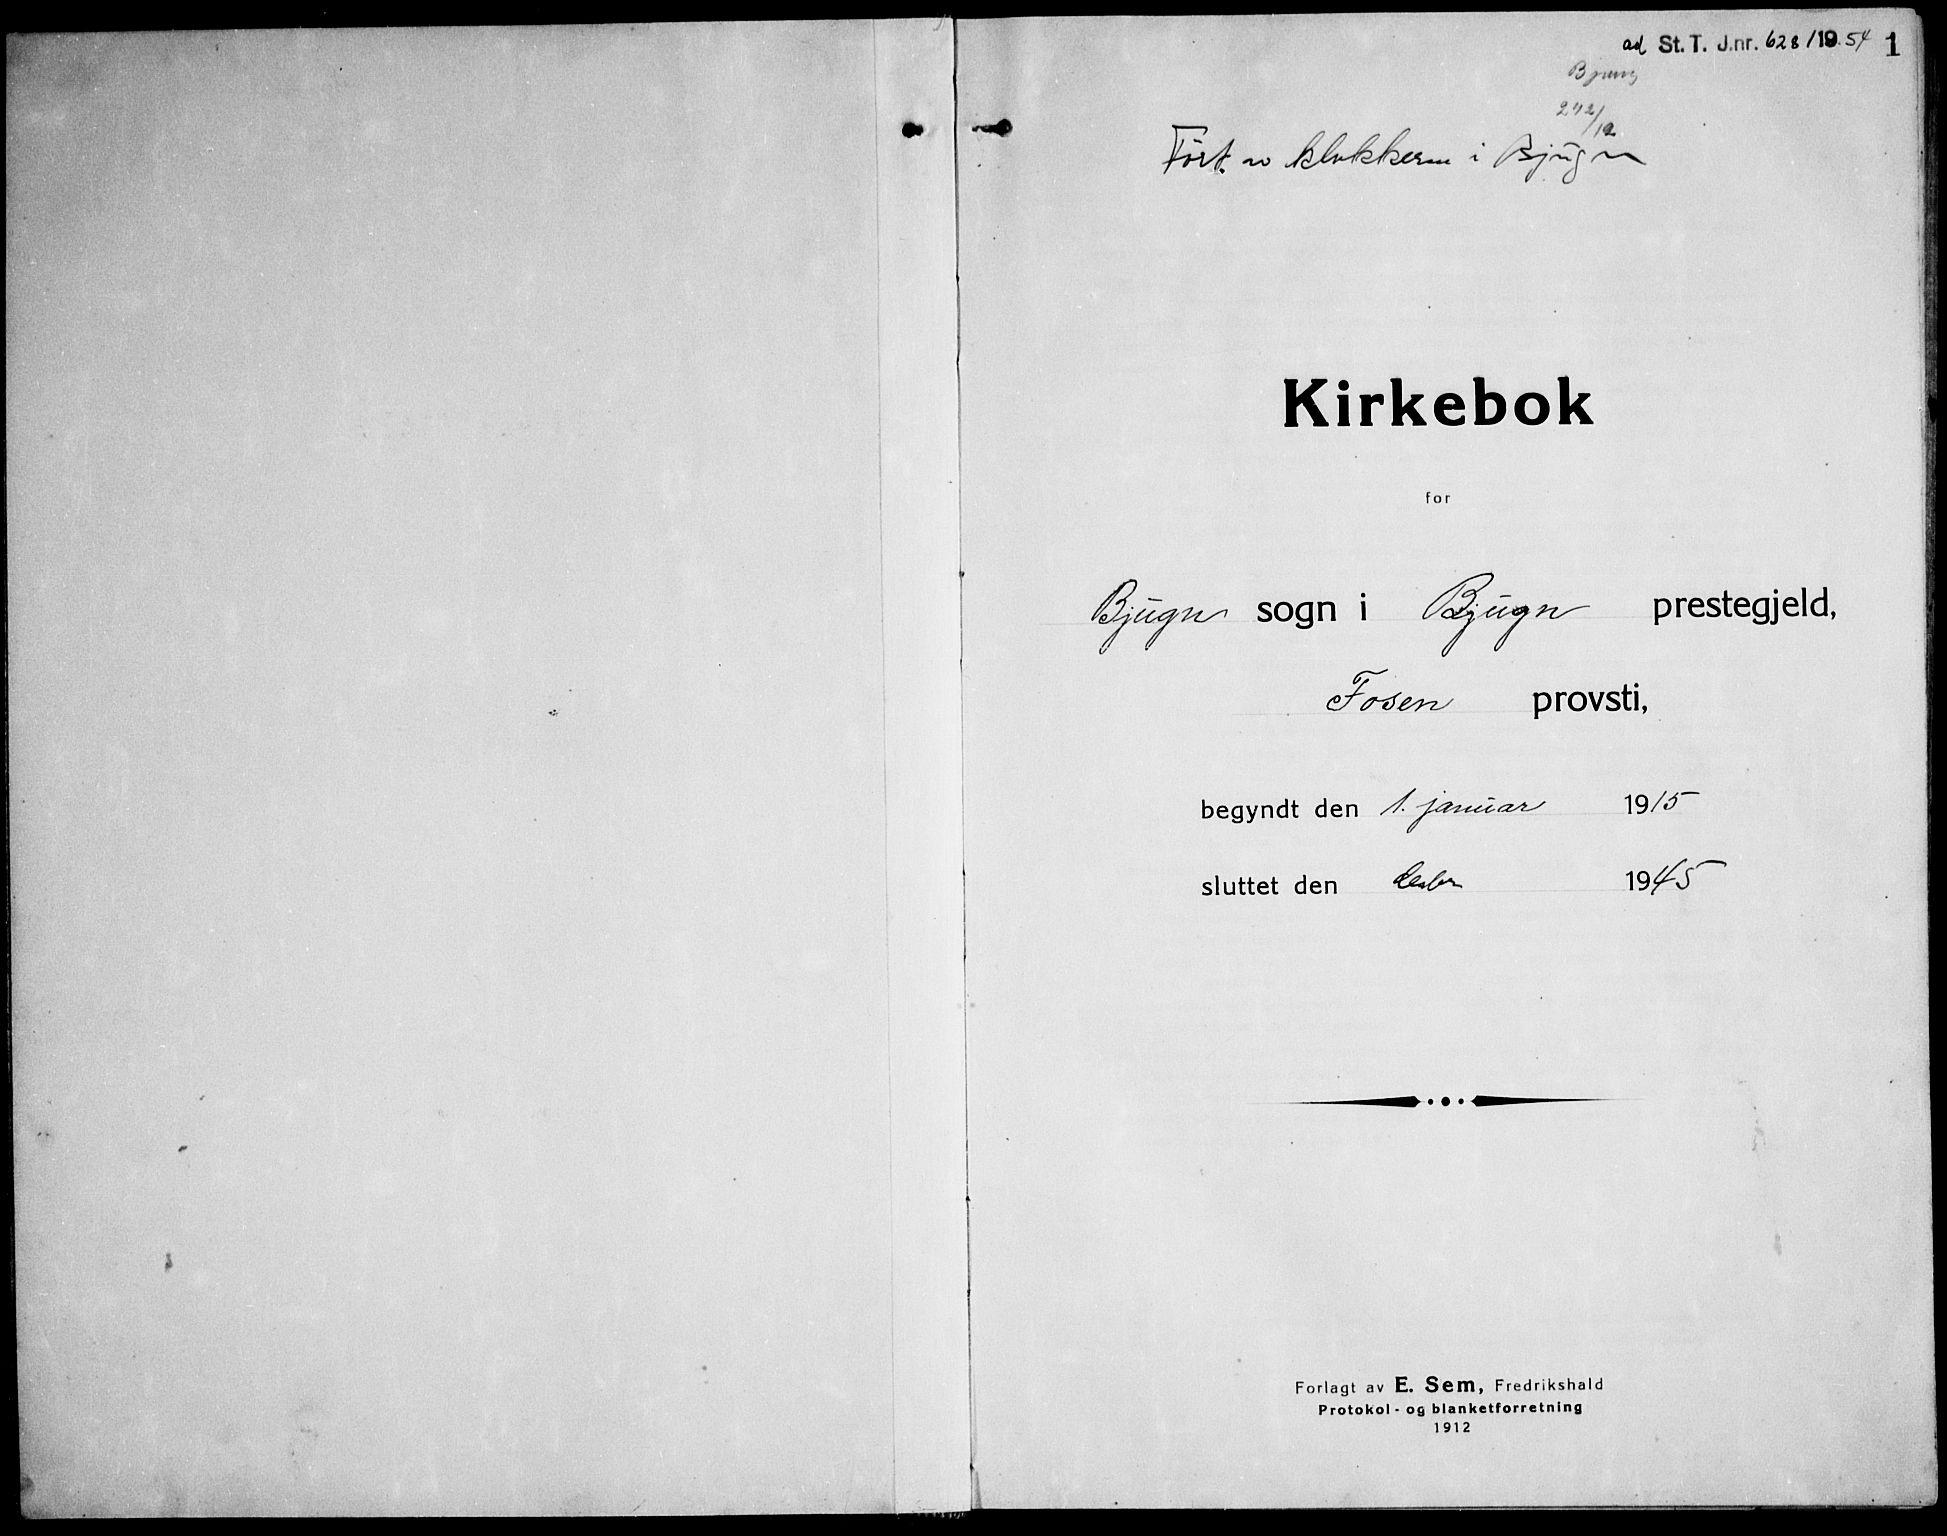 SAT, Ministerialprotokoller, klokkerbøker og fødselsregistre - Sør-Trøndelag, 651/L0648: Klokkerbok nr. 651C02, 1915-1945, s. 1